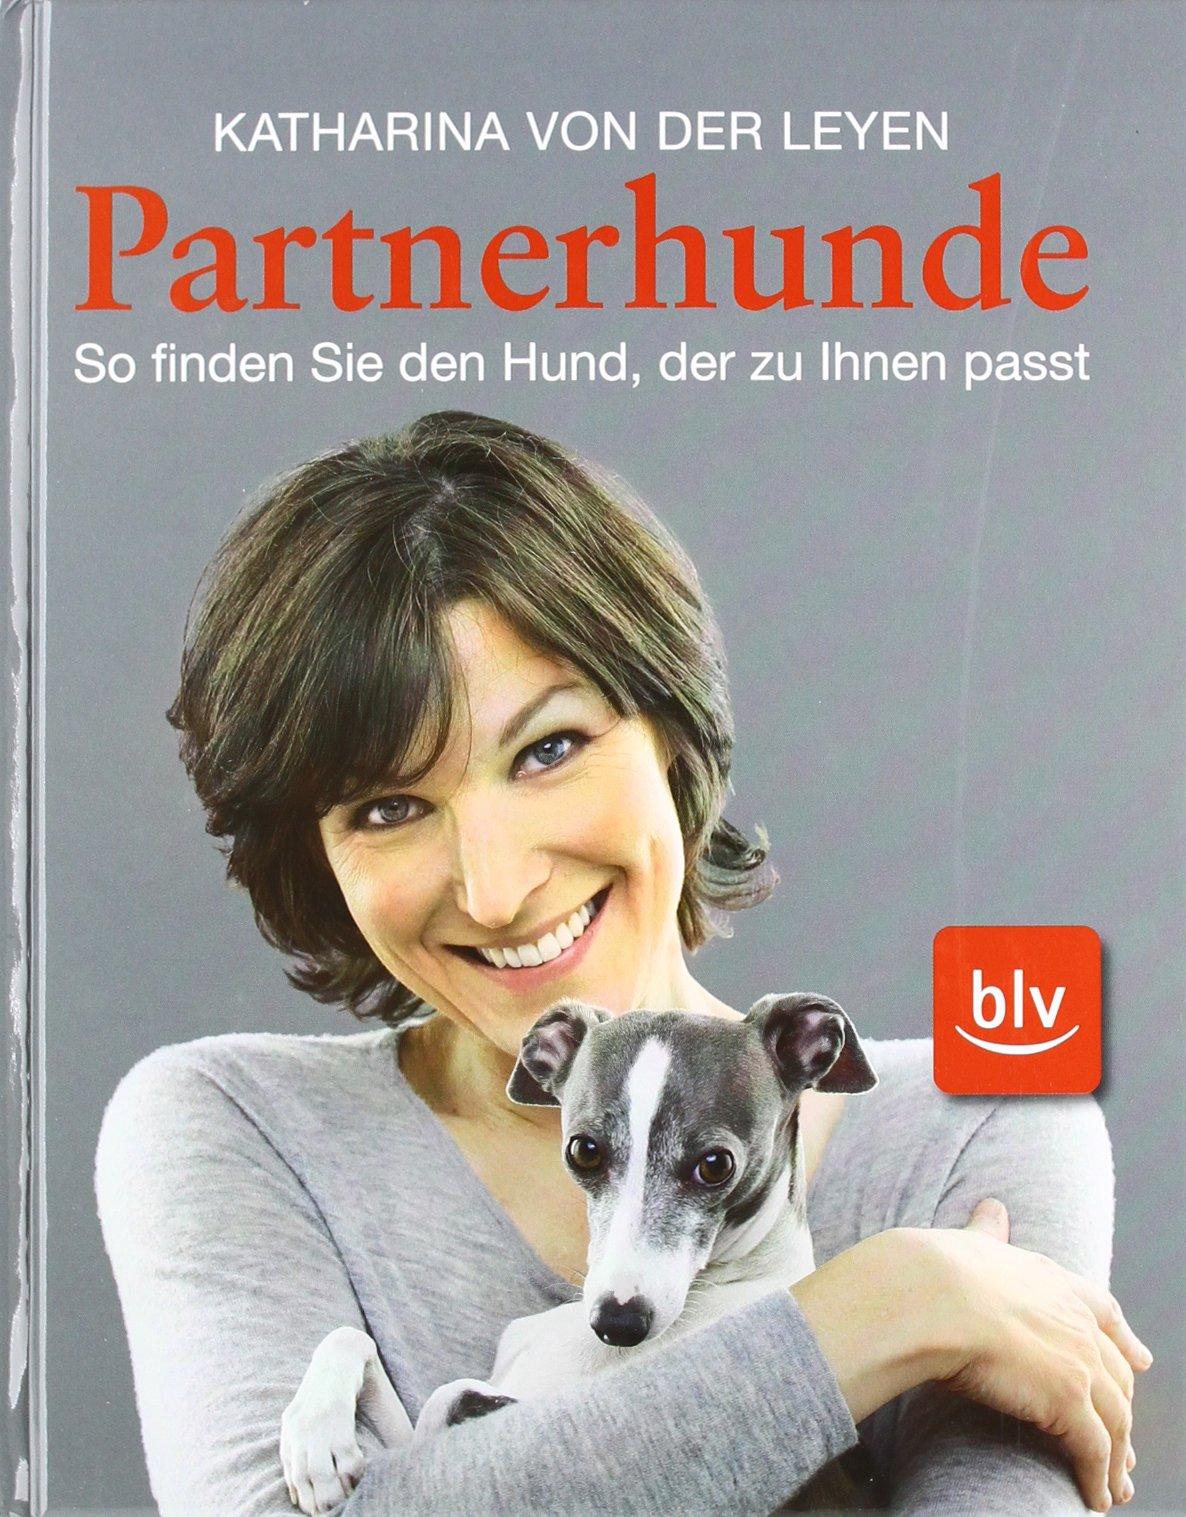 Partnerhunde: So finden Sie den Hund, der zu Ihnen passt